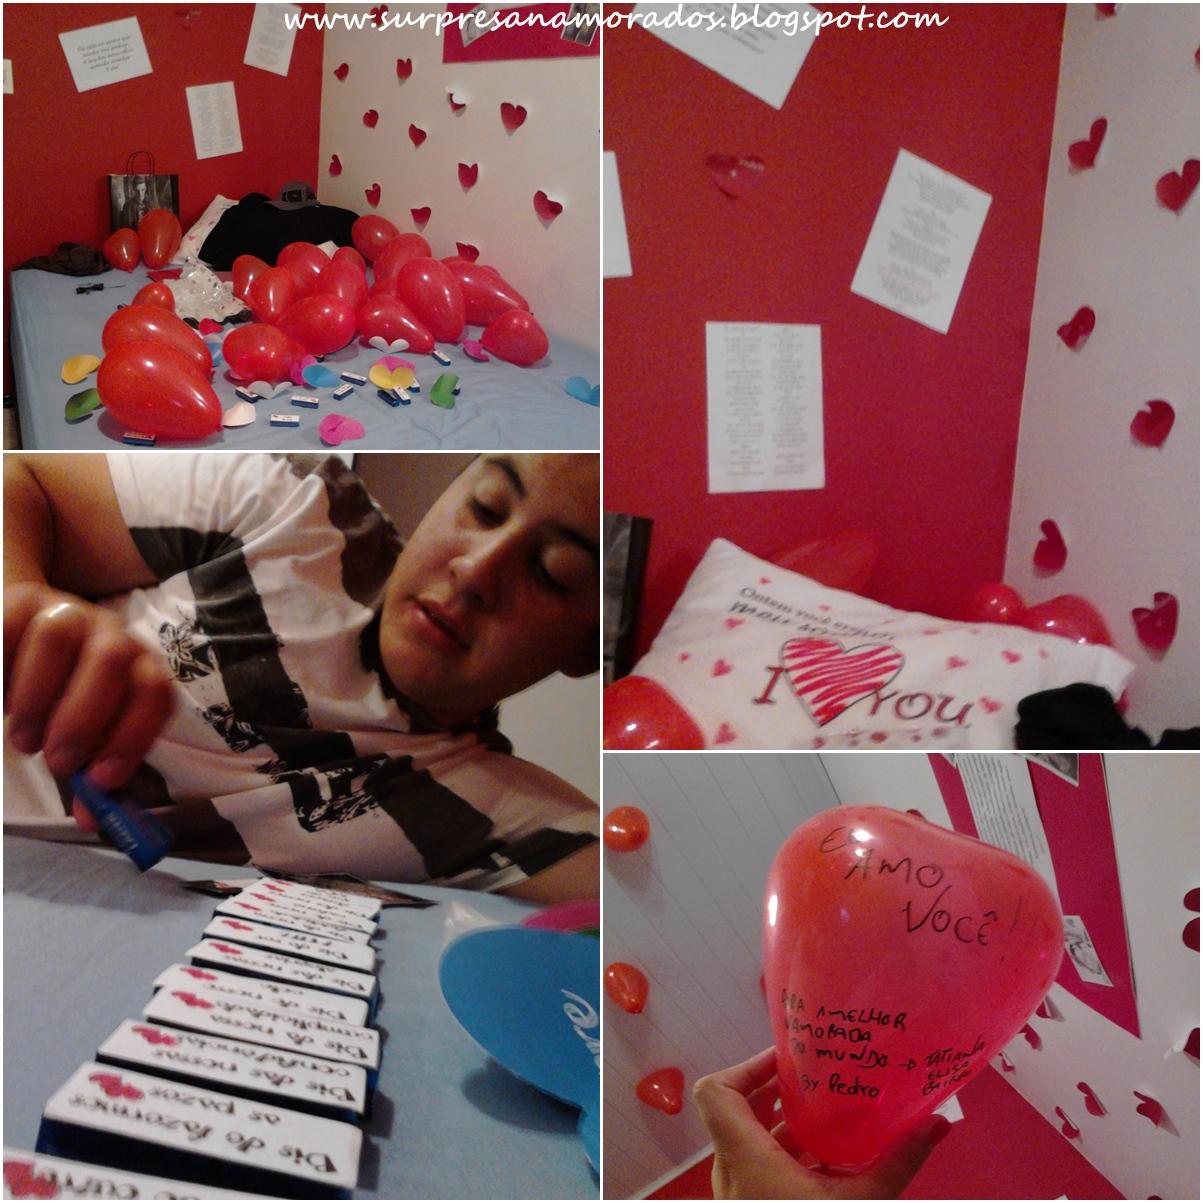 305 corações (305 dias juntos) feito pelo namorado da Bianca